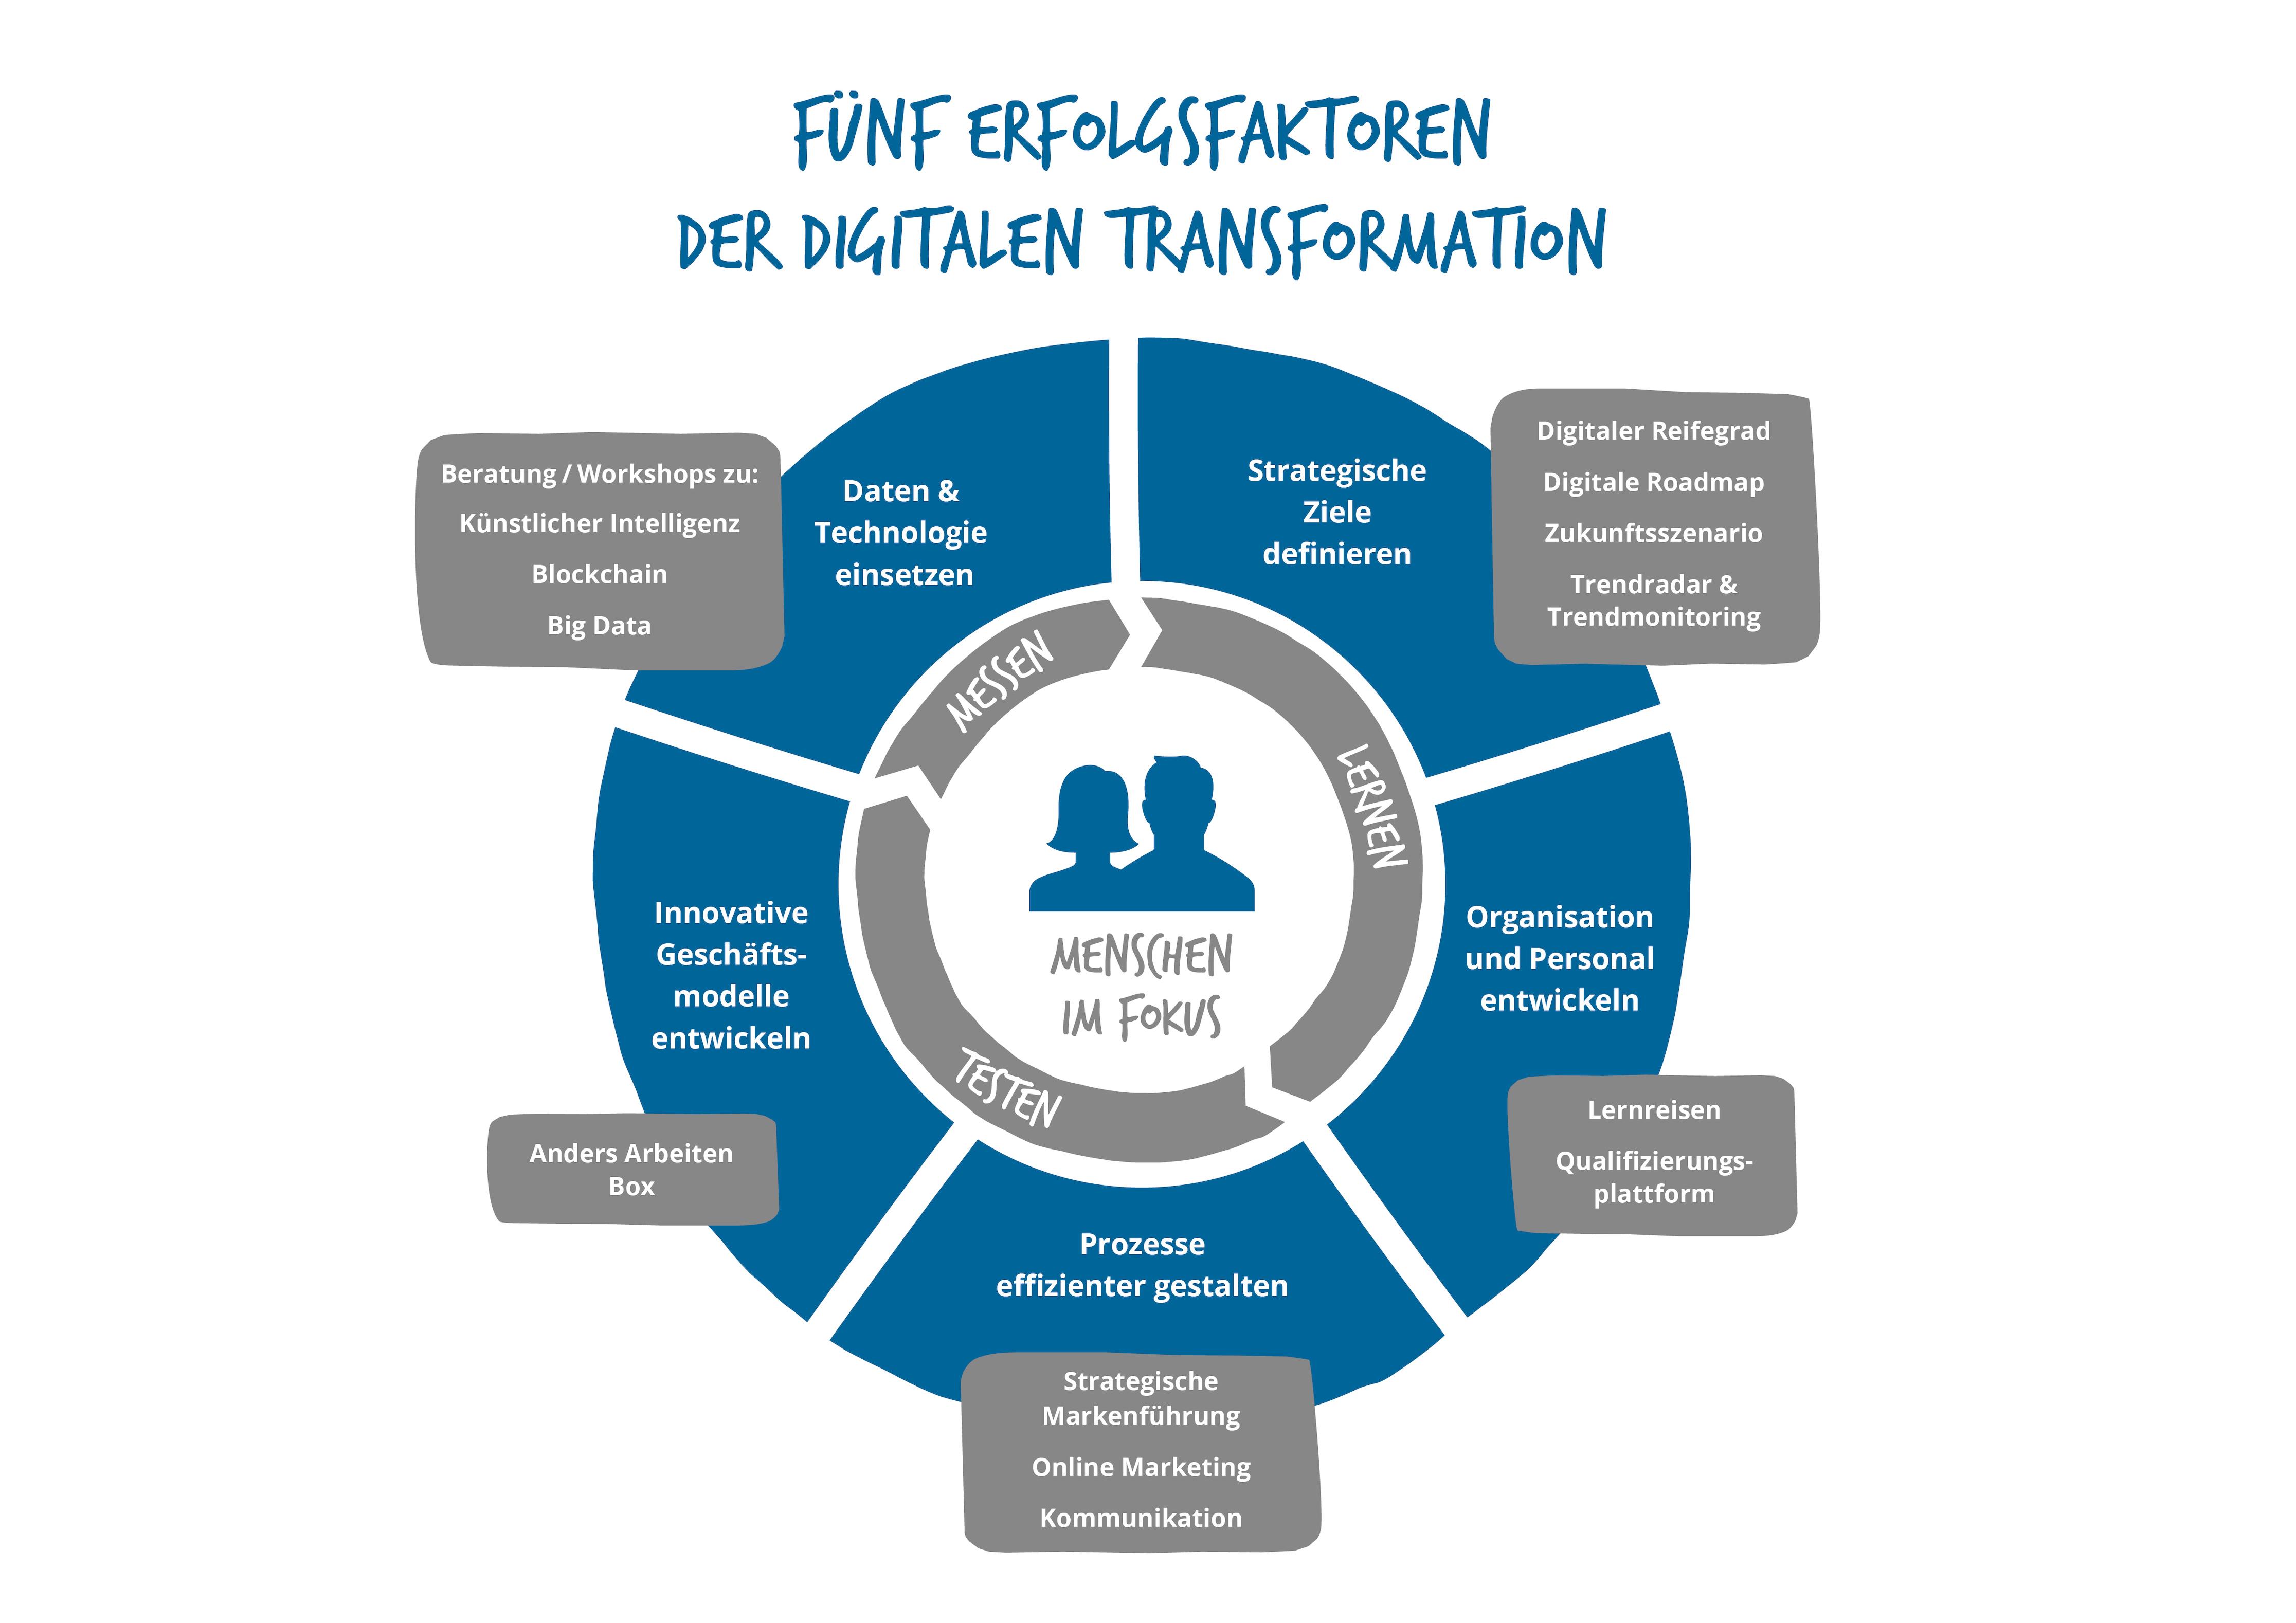 Fünf Erfolgsfaktoren der Digitalen Transformation